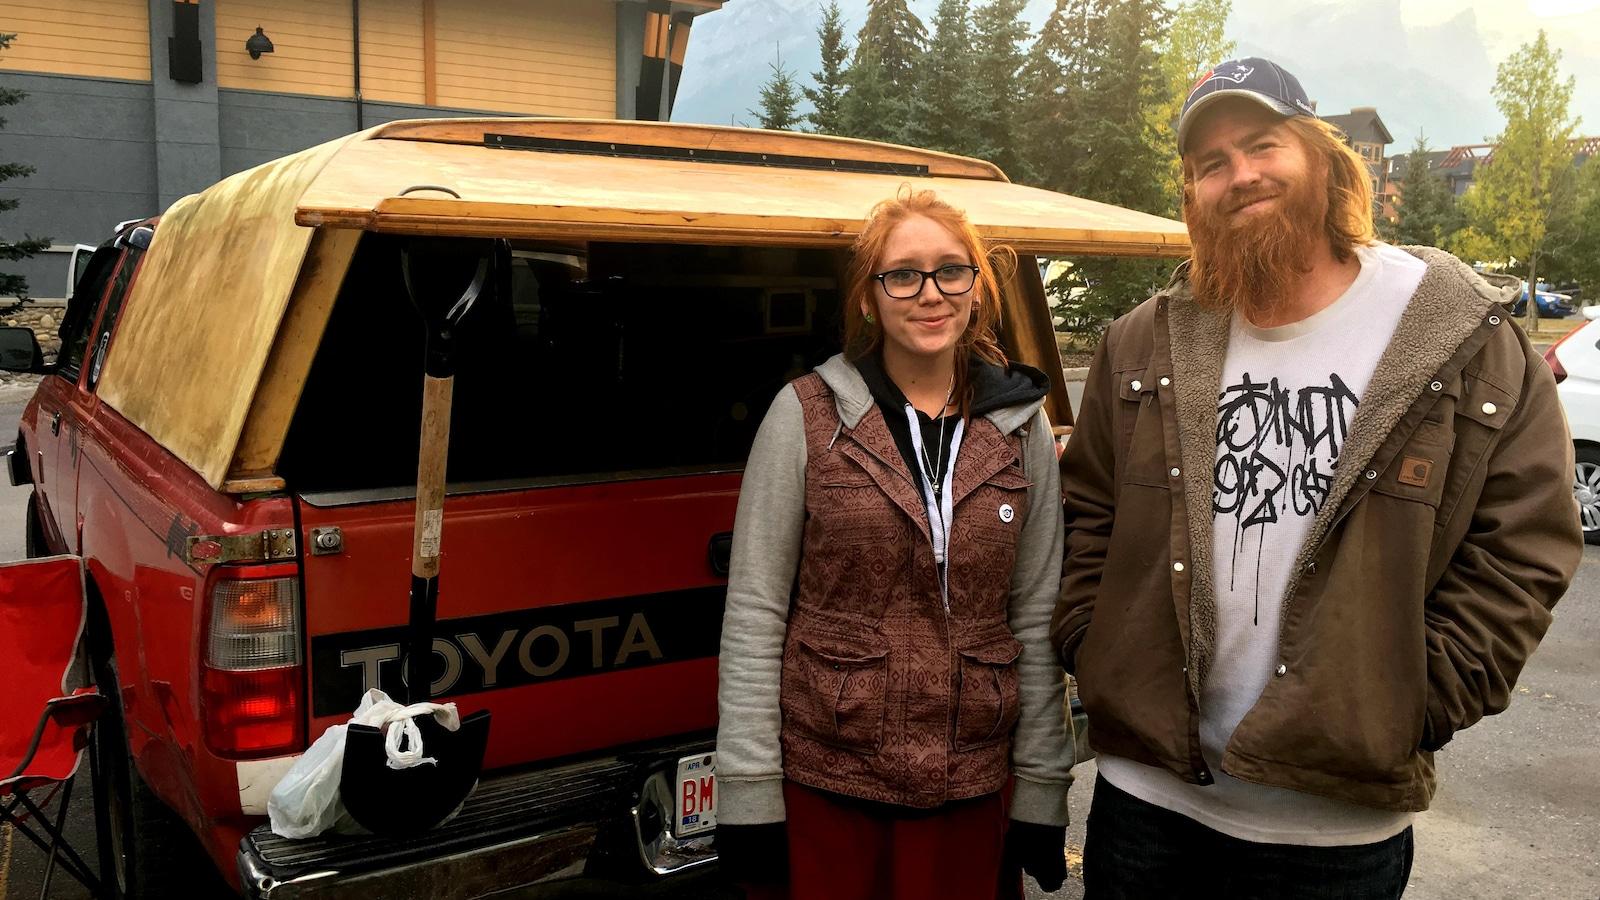 """Un homme à casquette et une femme portant des lunettes posent devant une camionnette de type """"pick-up"""" dans un stationnement avec, en arrière-plan, le mur d'un commerce, des arbres et des montagnes."""